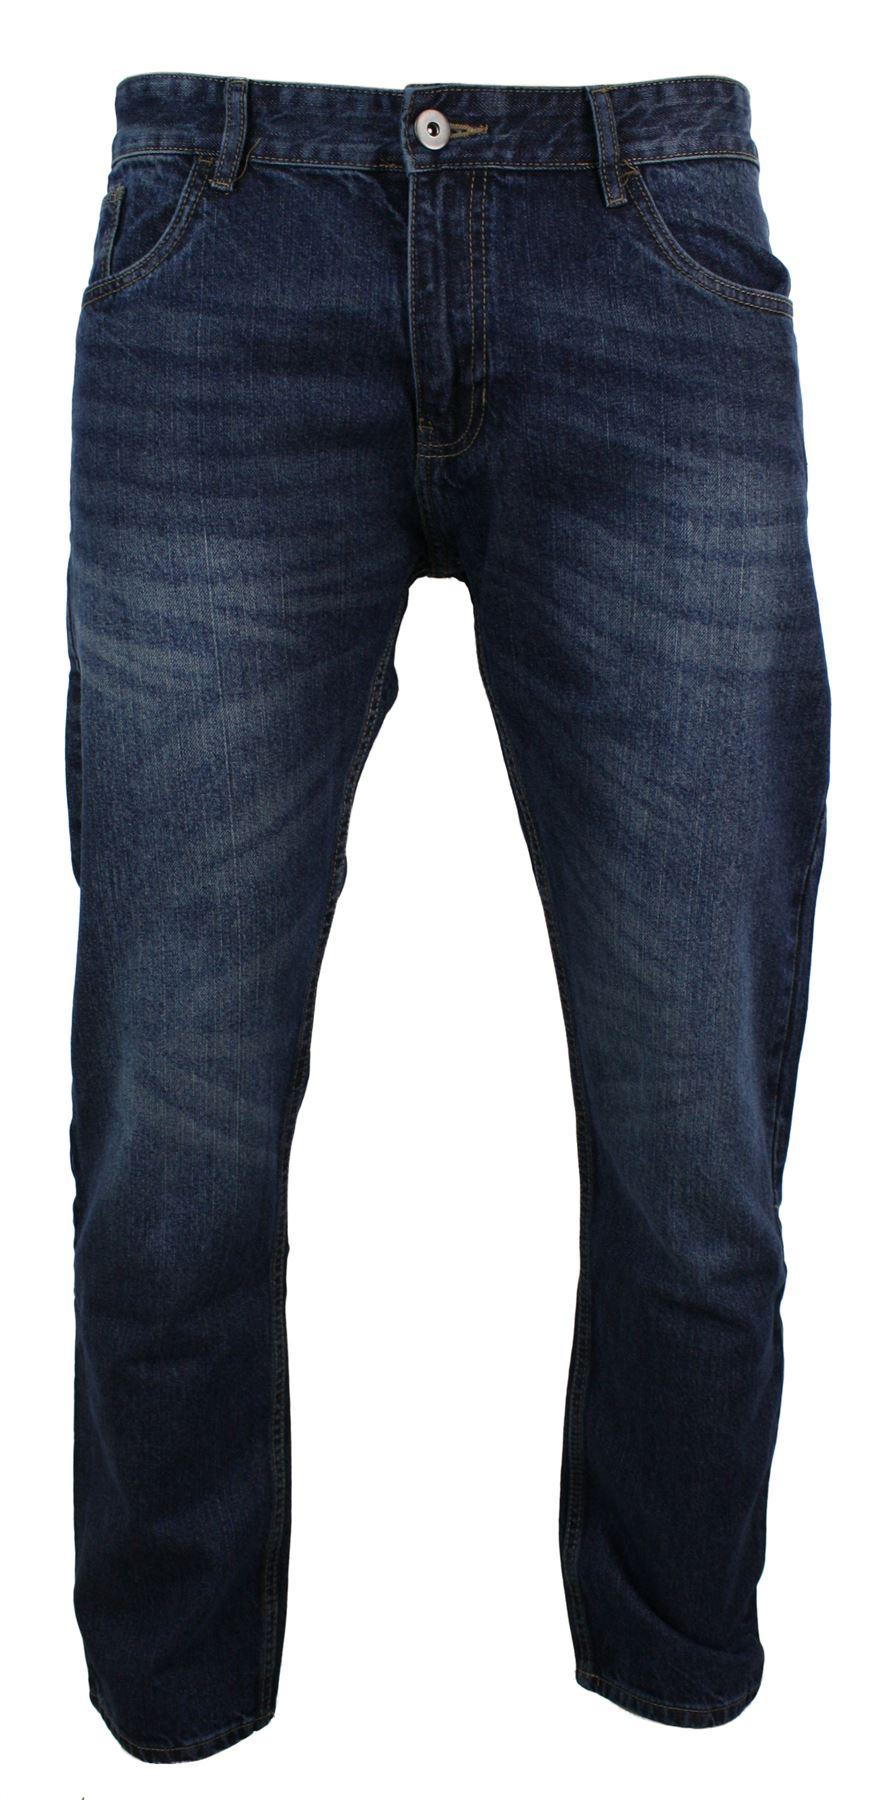 jeans homme coupe droite classique bleu clair fonc noir effet d lav ebay. Black Bedroom Furniture Sets. Home Design Ideas